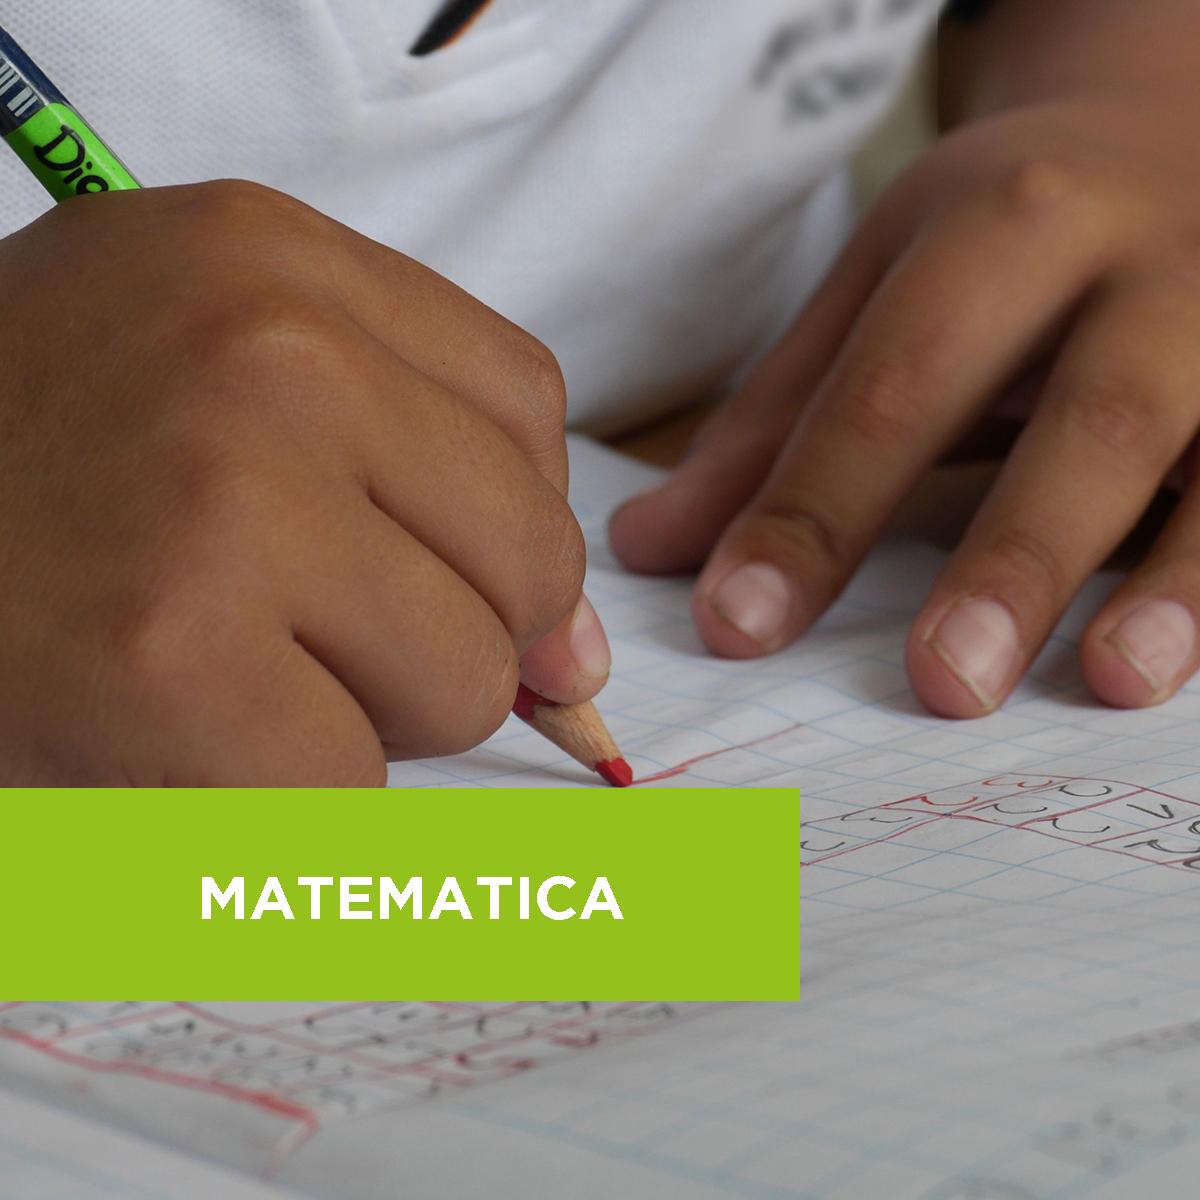 Valutazione delle competenze e autovalutazione nel compito autentico di matematica